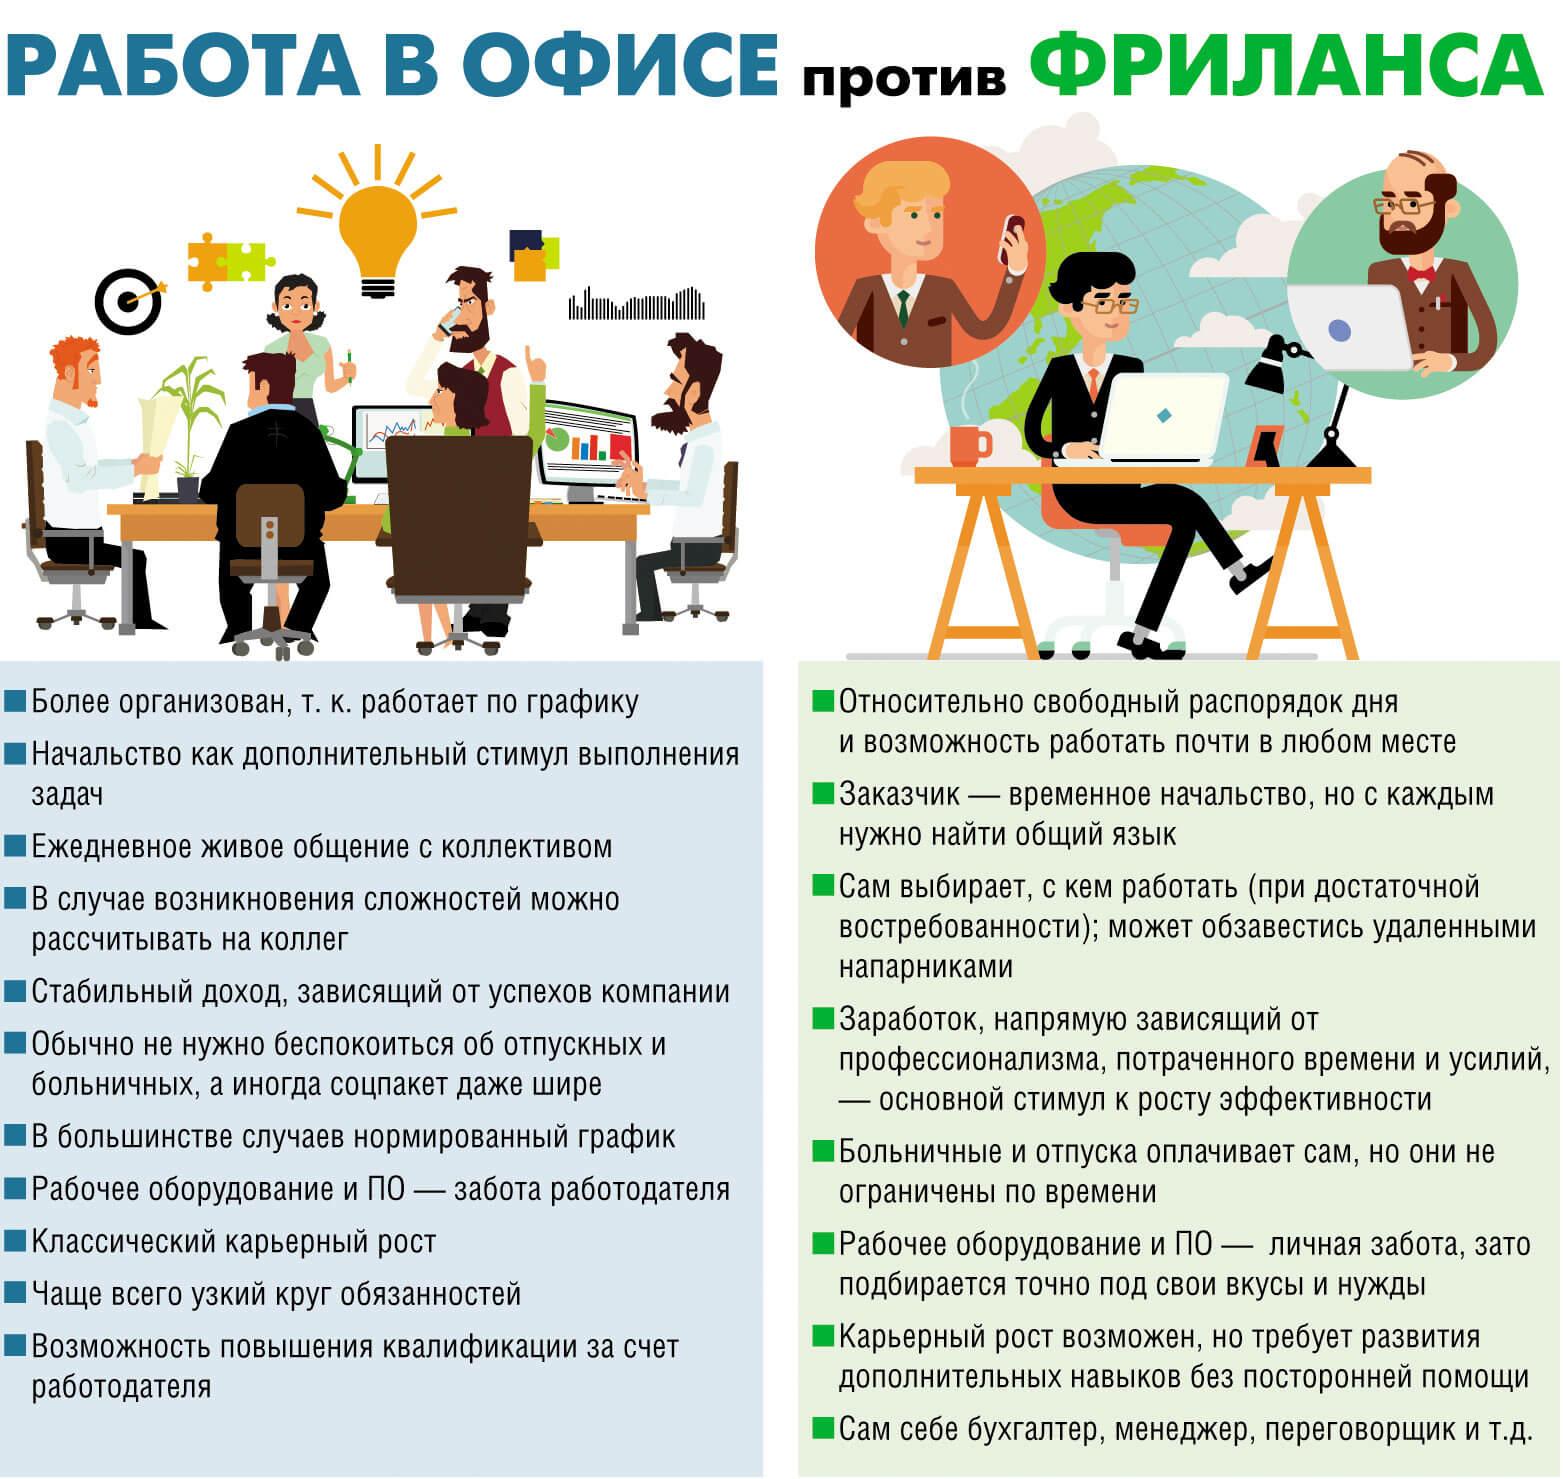 Фрилансер с какой профессии начать фрилансер вакансии в красноярске